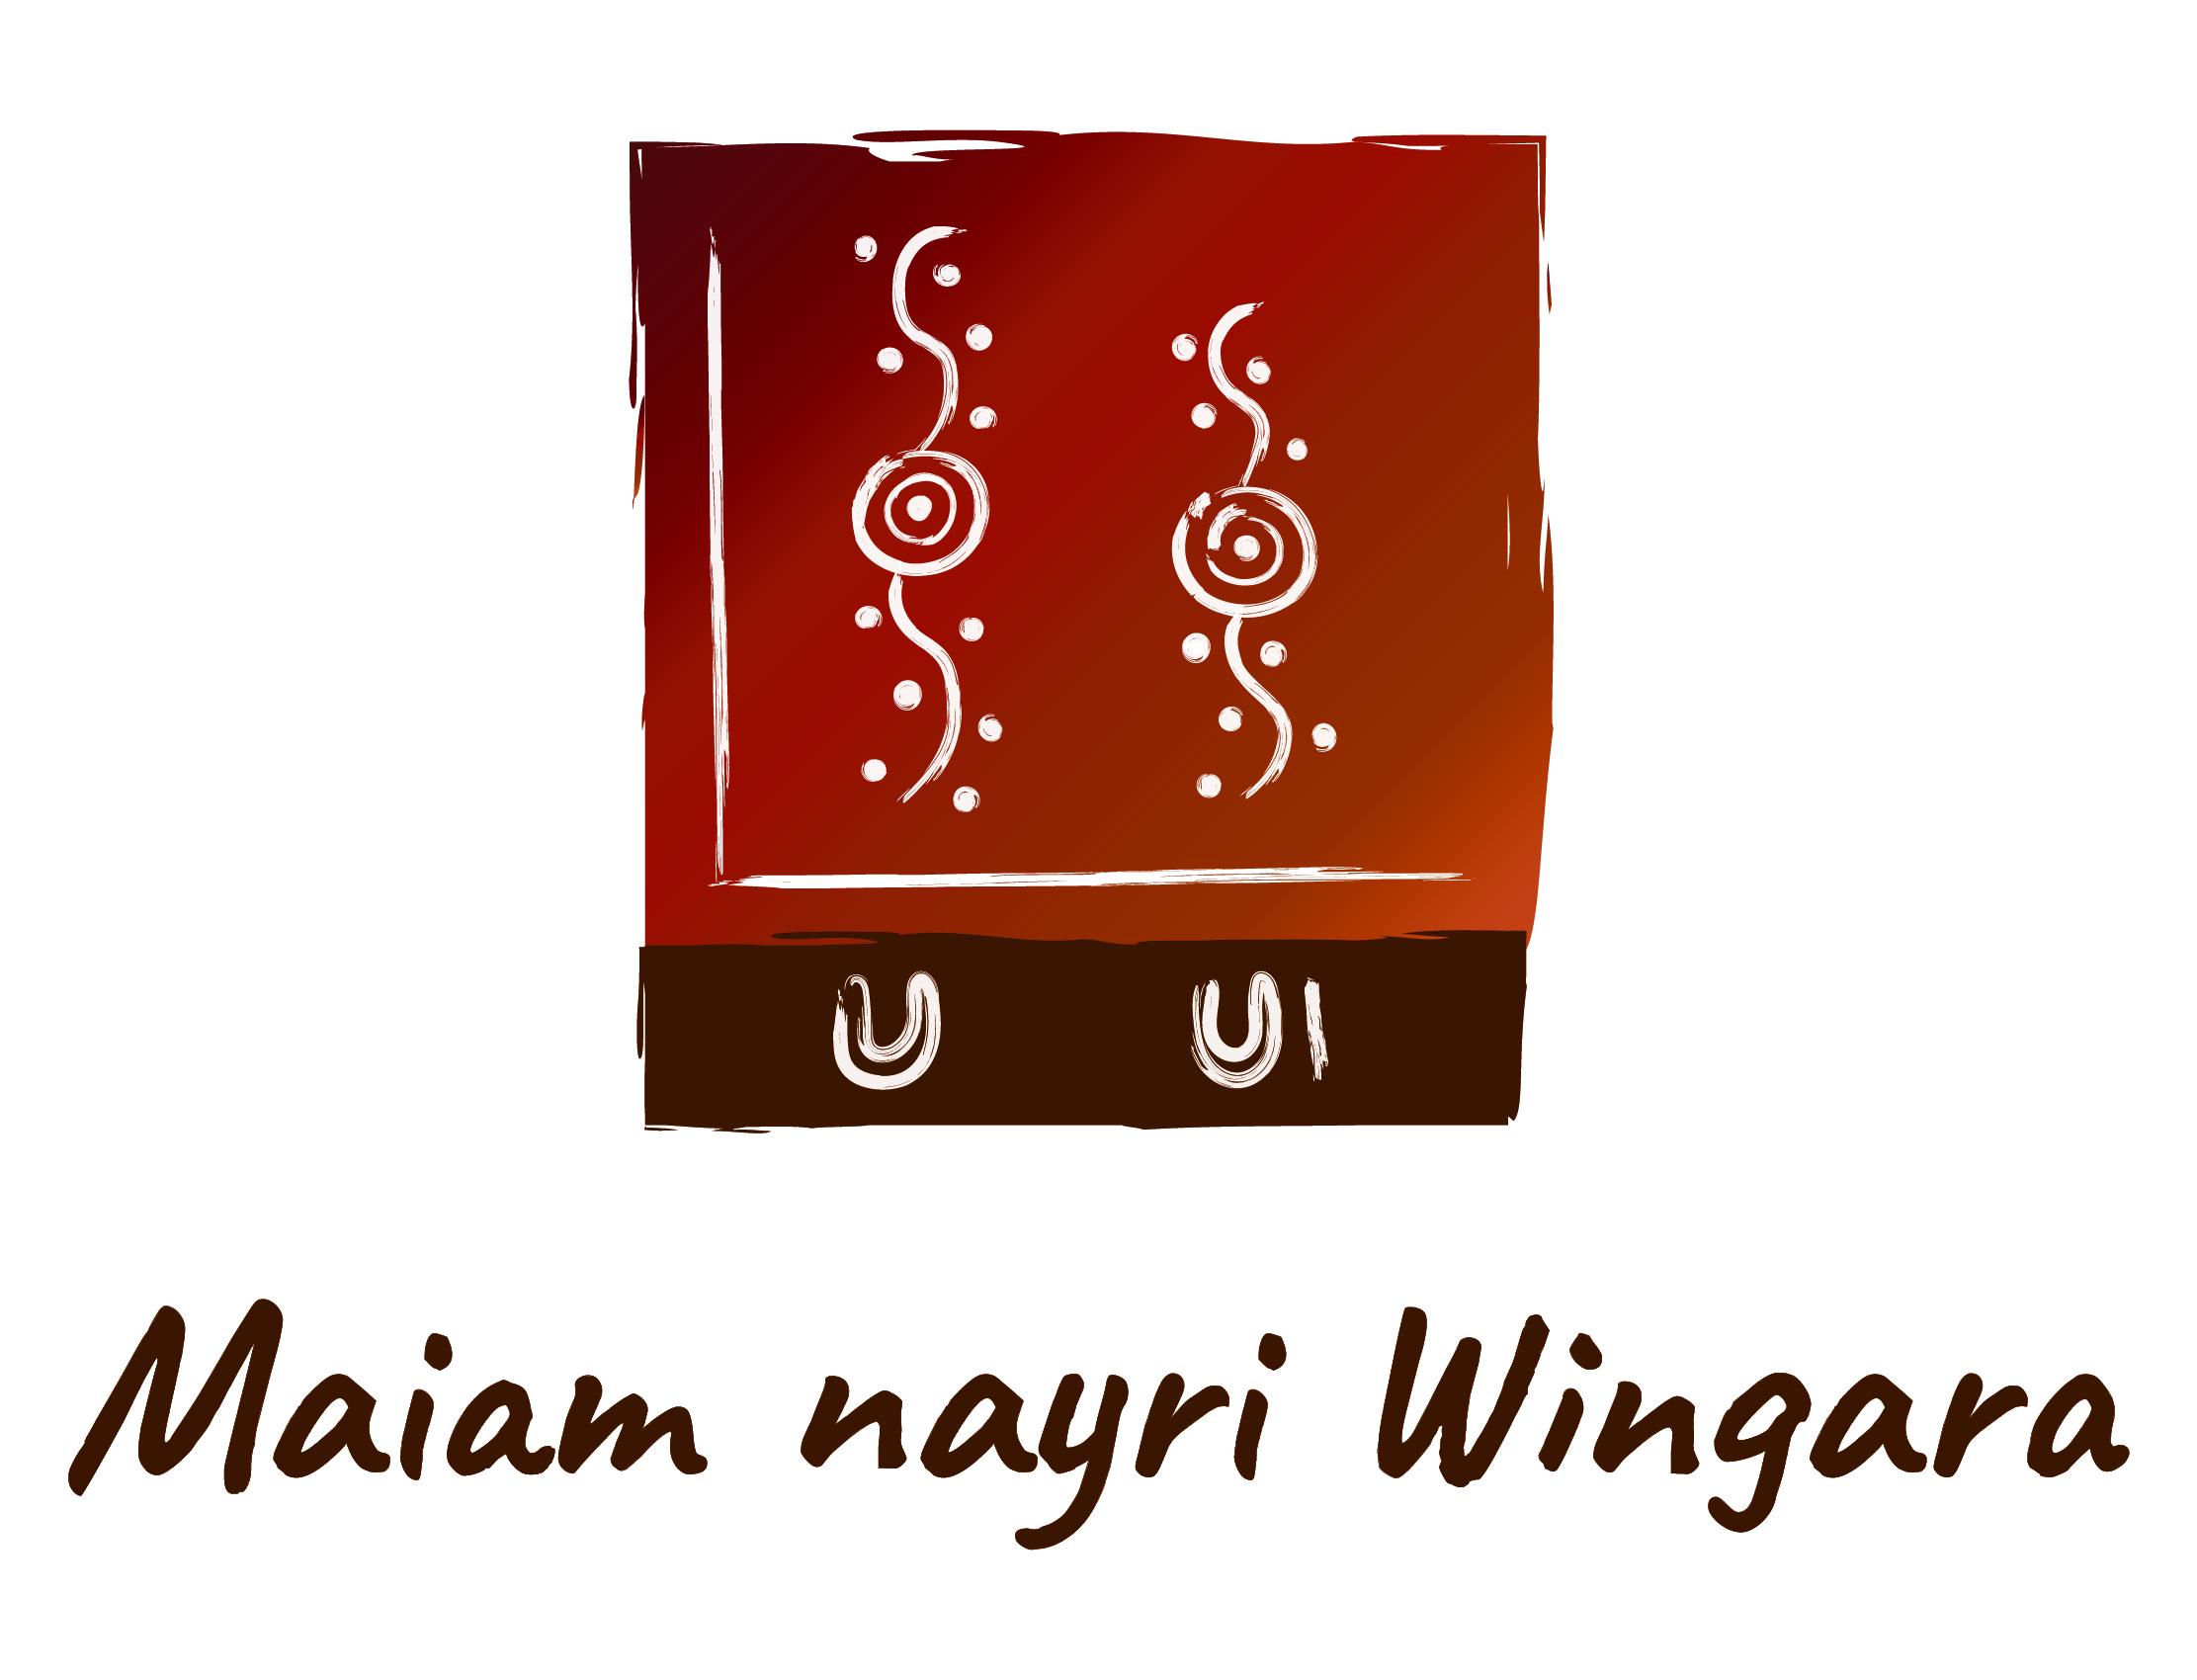 Maiam nayri Wingara